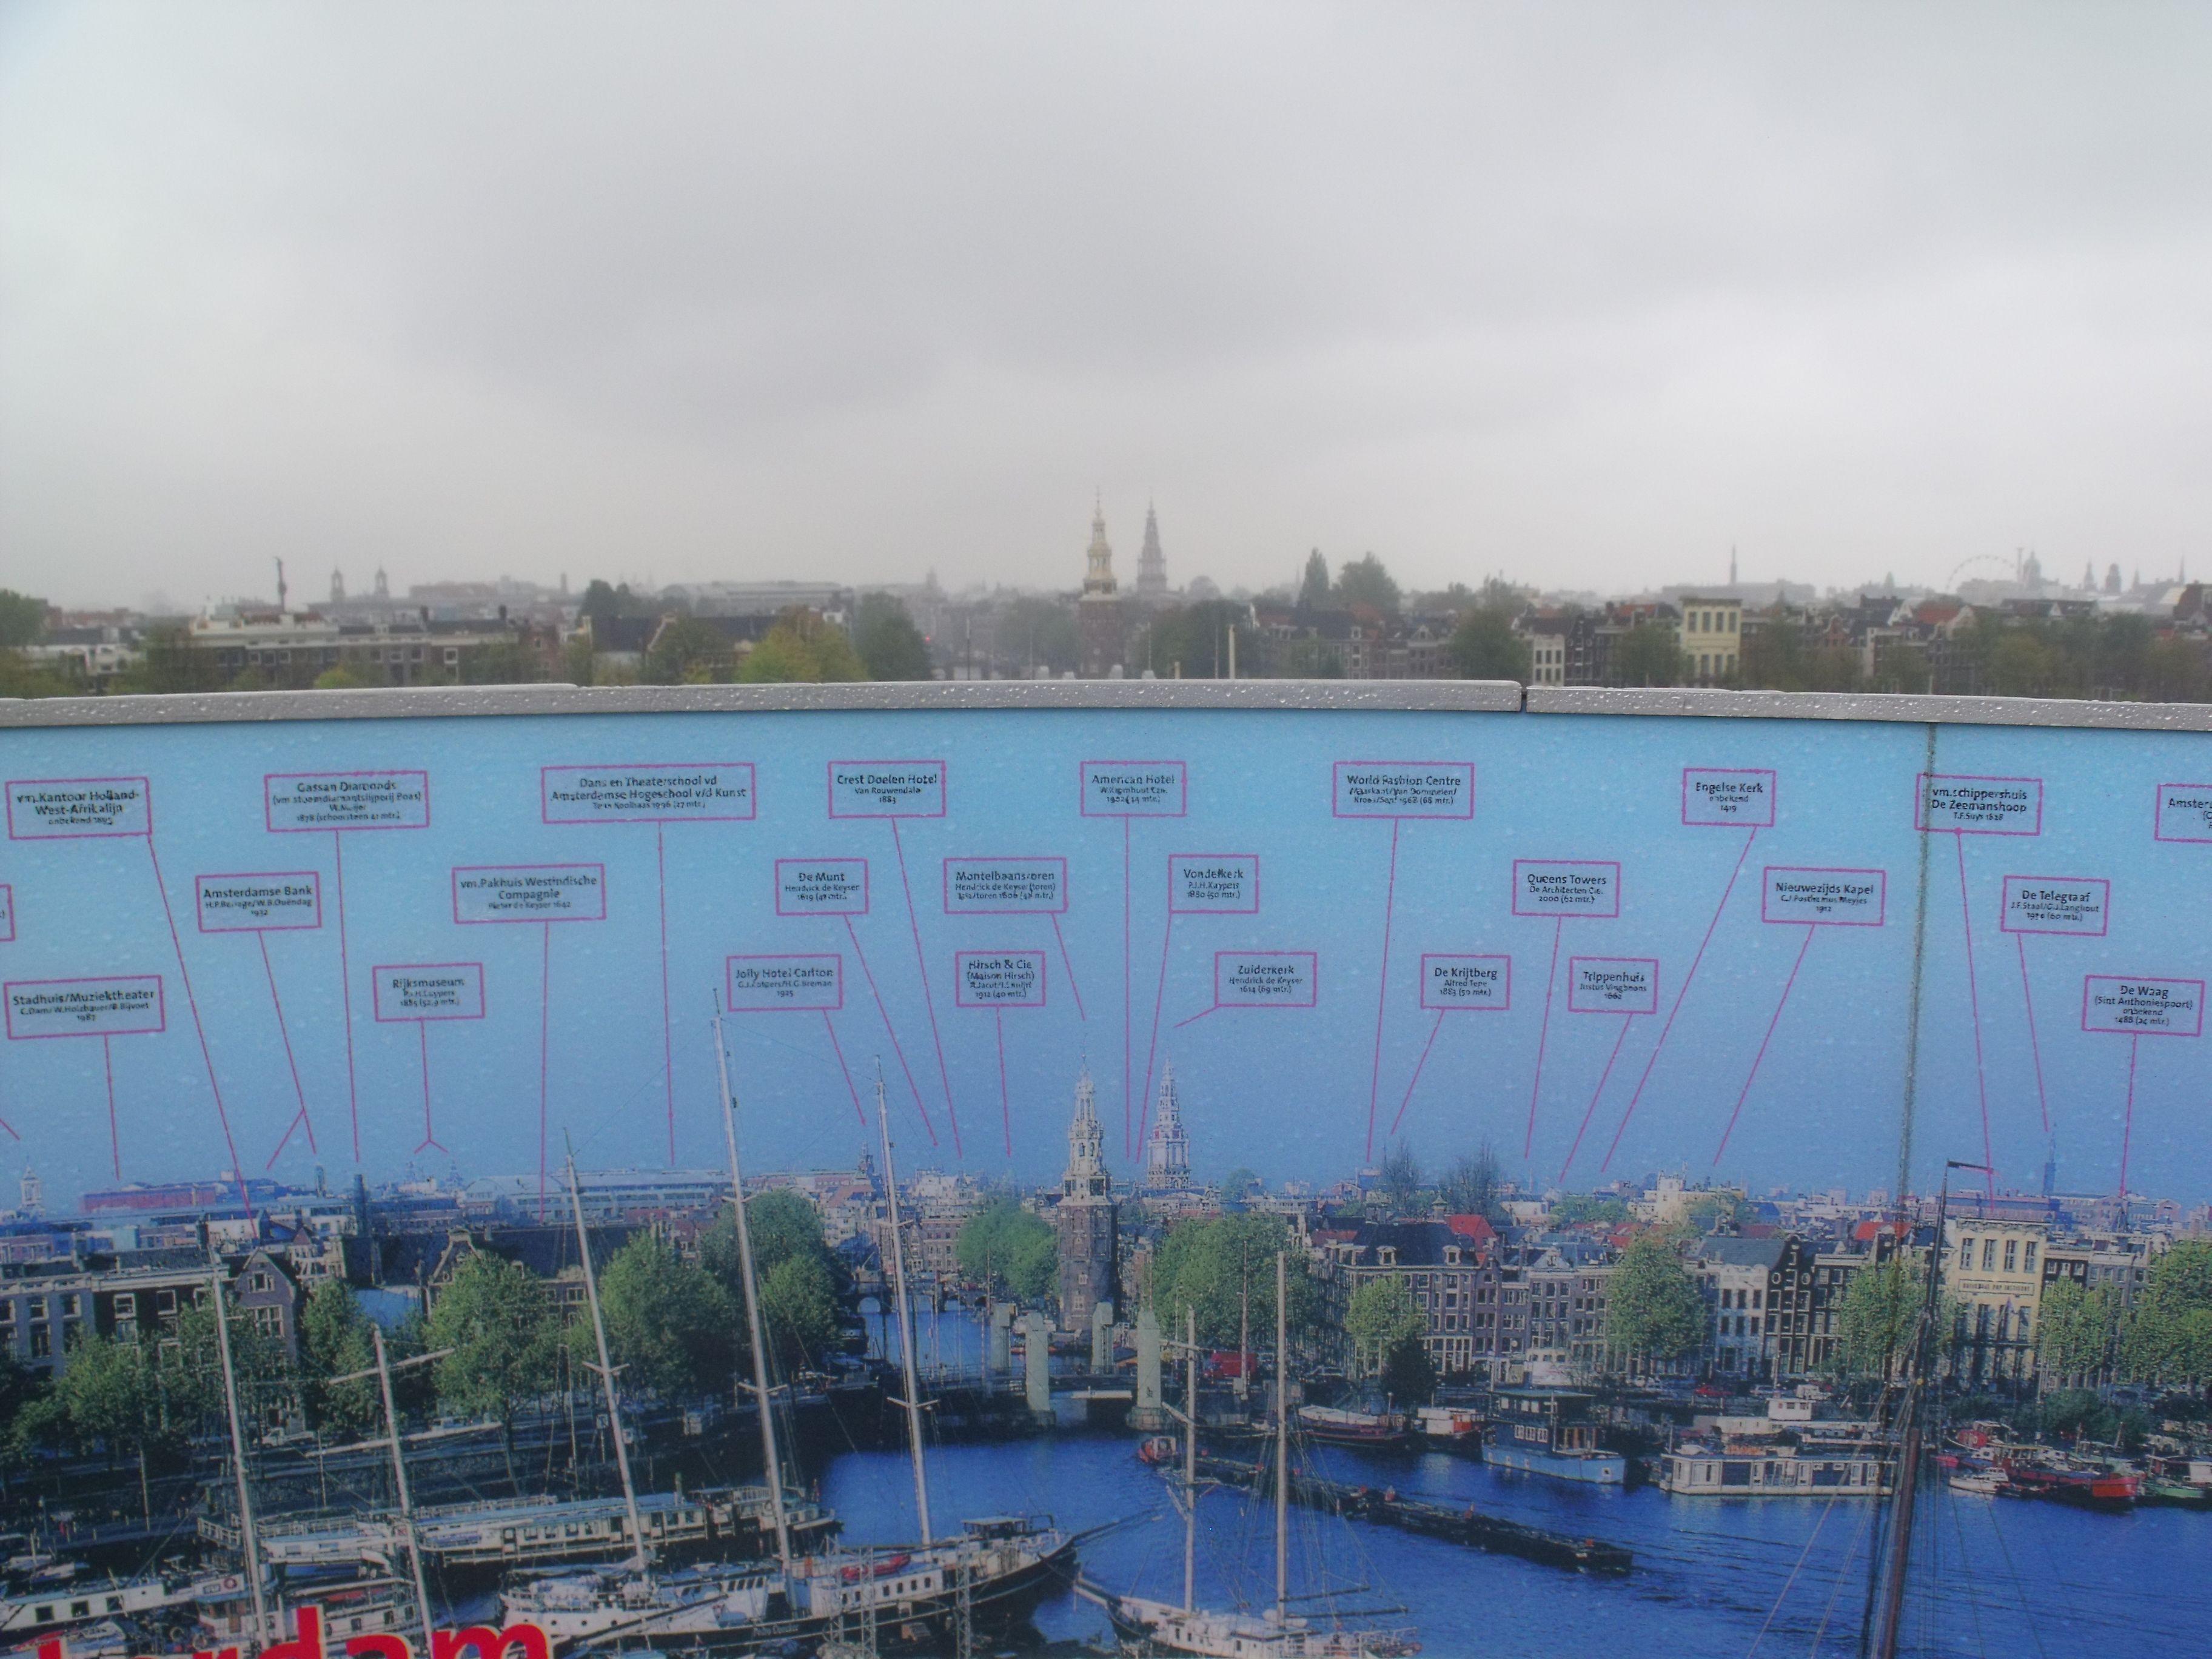 Amsterdam - Foto tirada na escadaria do NEMO - Renzo Piano